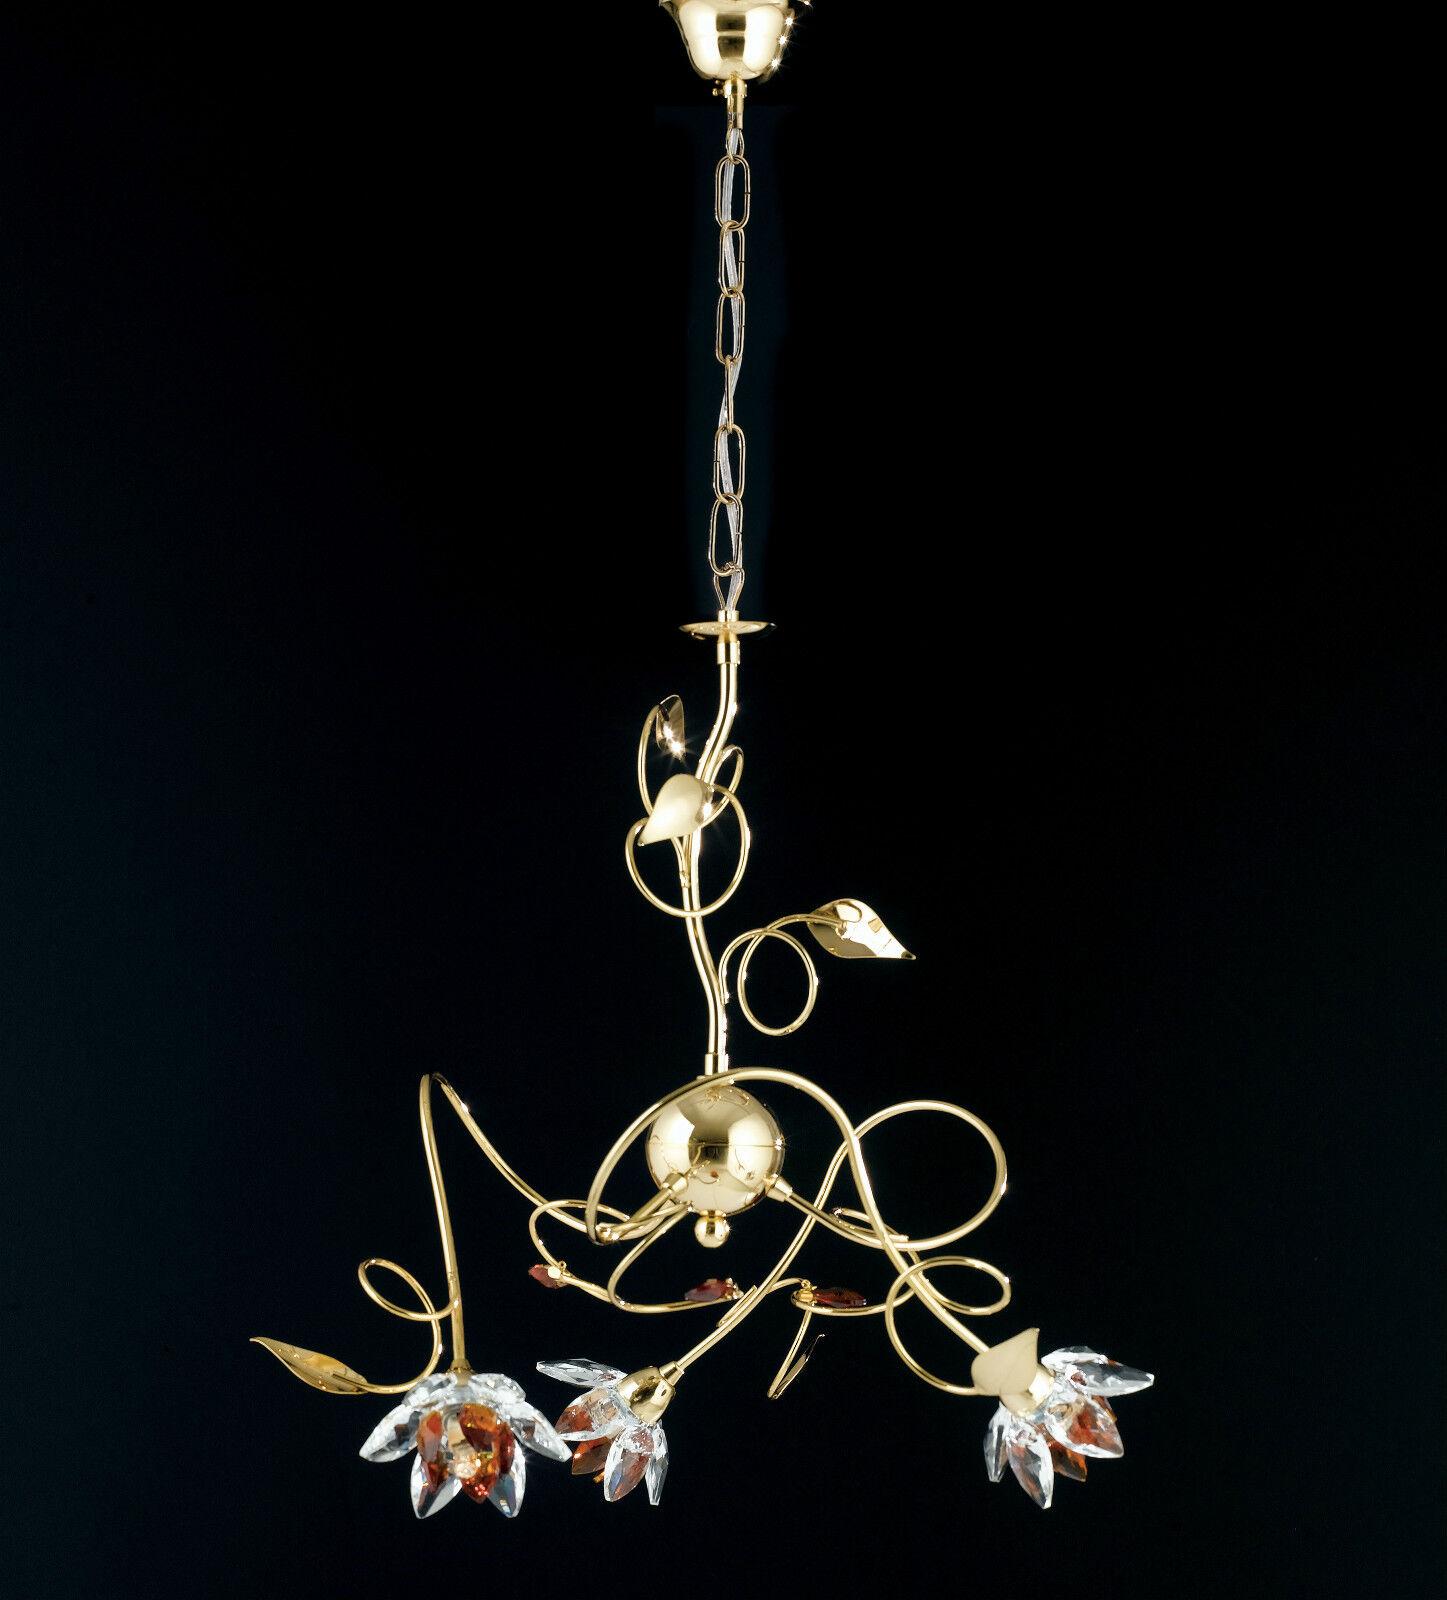 Lampadario sospensione classico ferro battuto battuto battuto cristalli fiori strass cromo oro | Impeccable  dd0f01